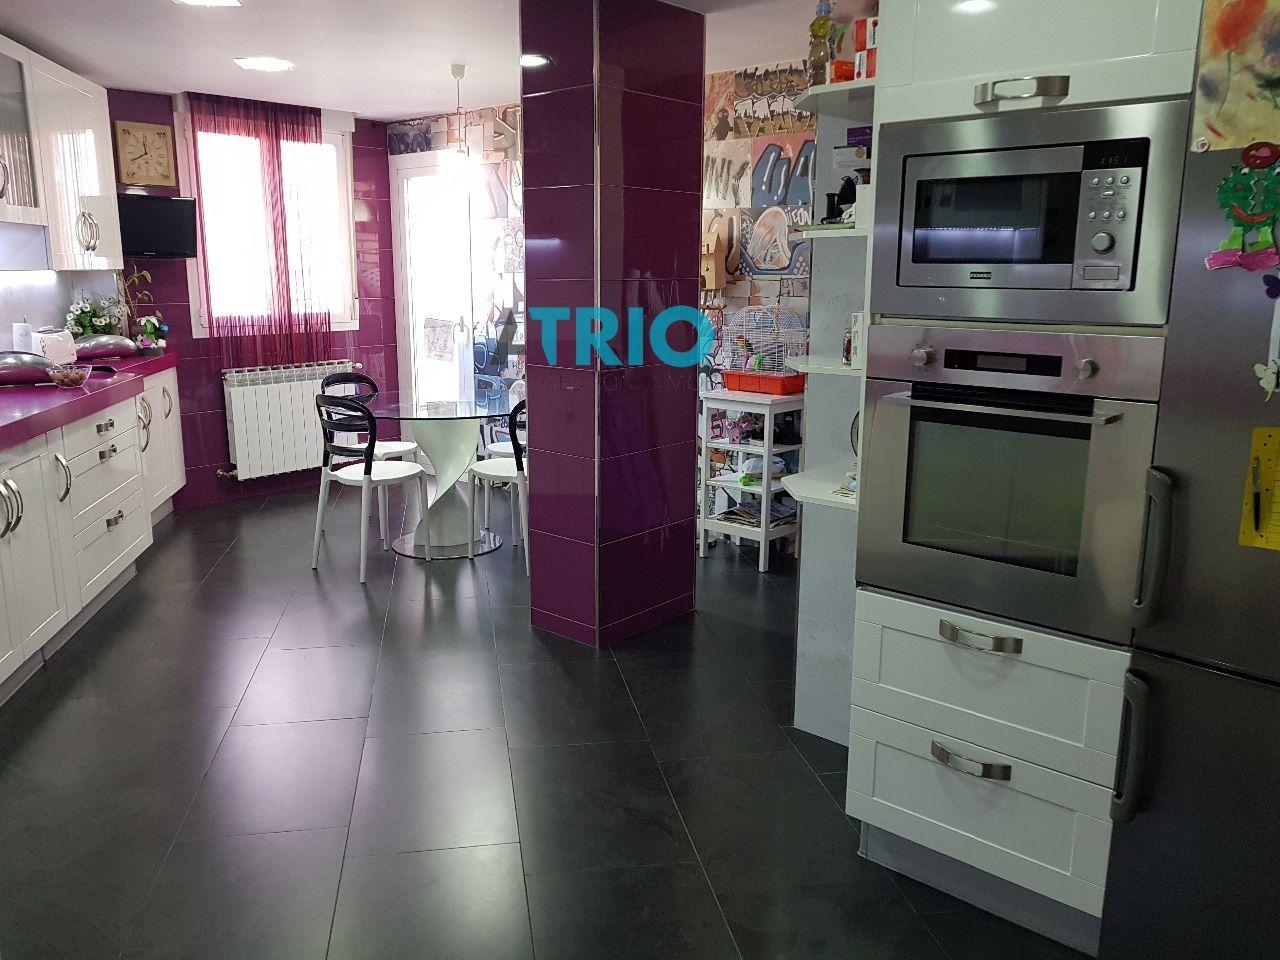 dia.mobiliagestion.es/Portals/inmoatrio/Images/5593/2613422